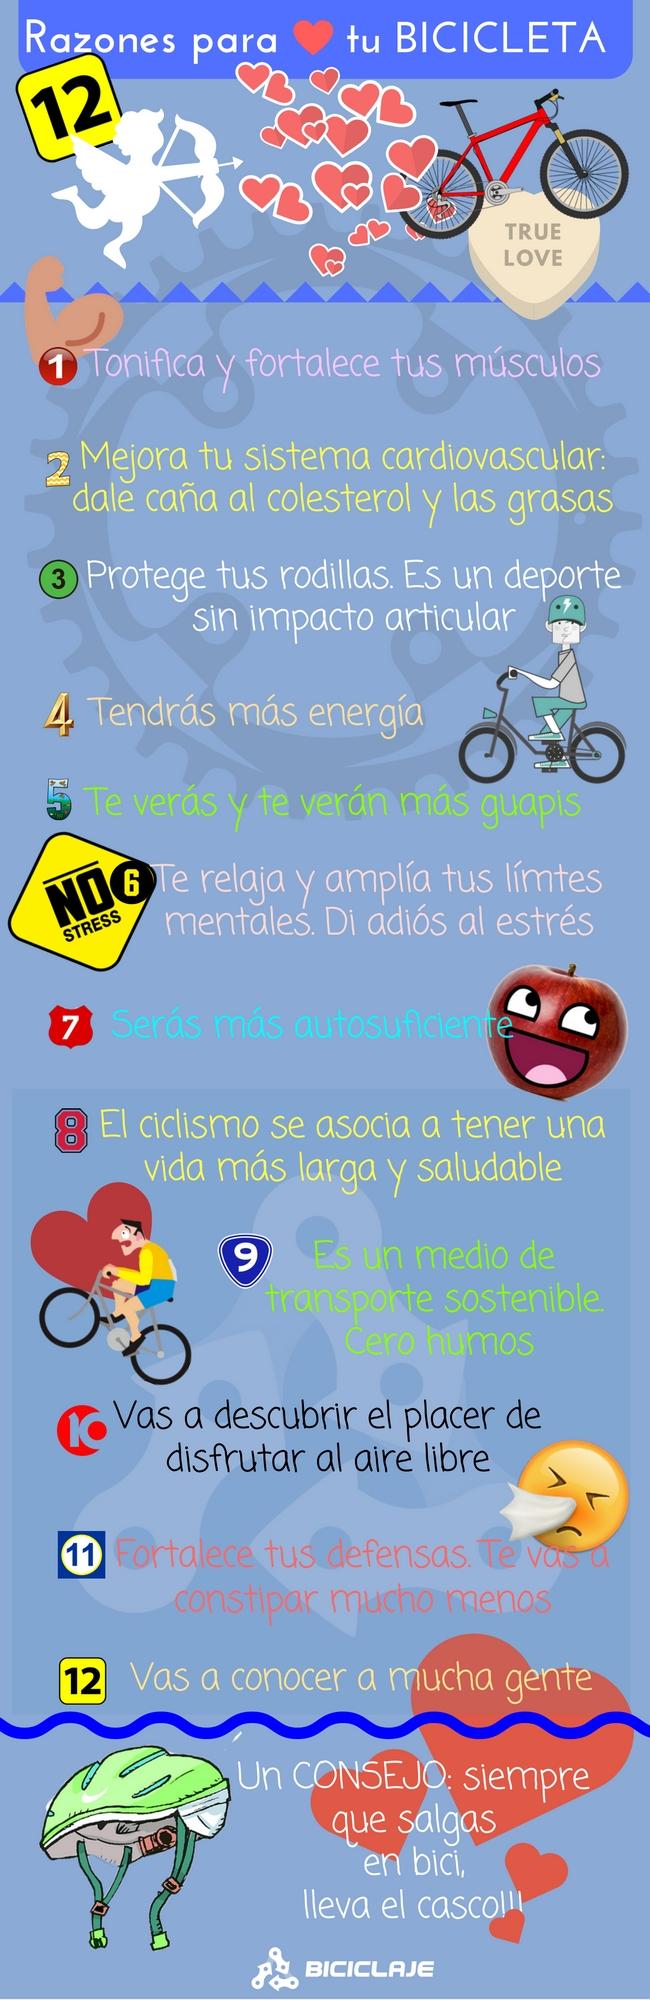 12-razones-enamorarte-bicicleta-infografia